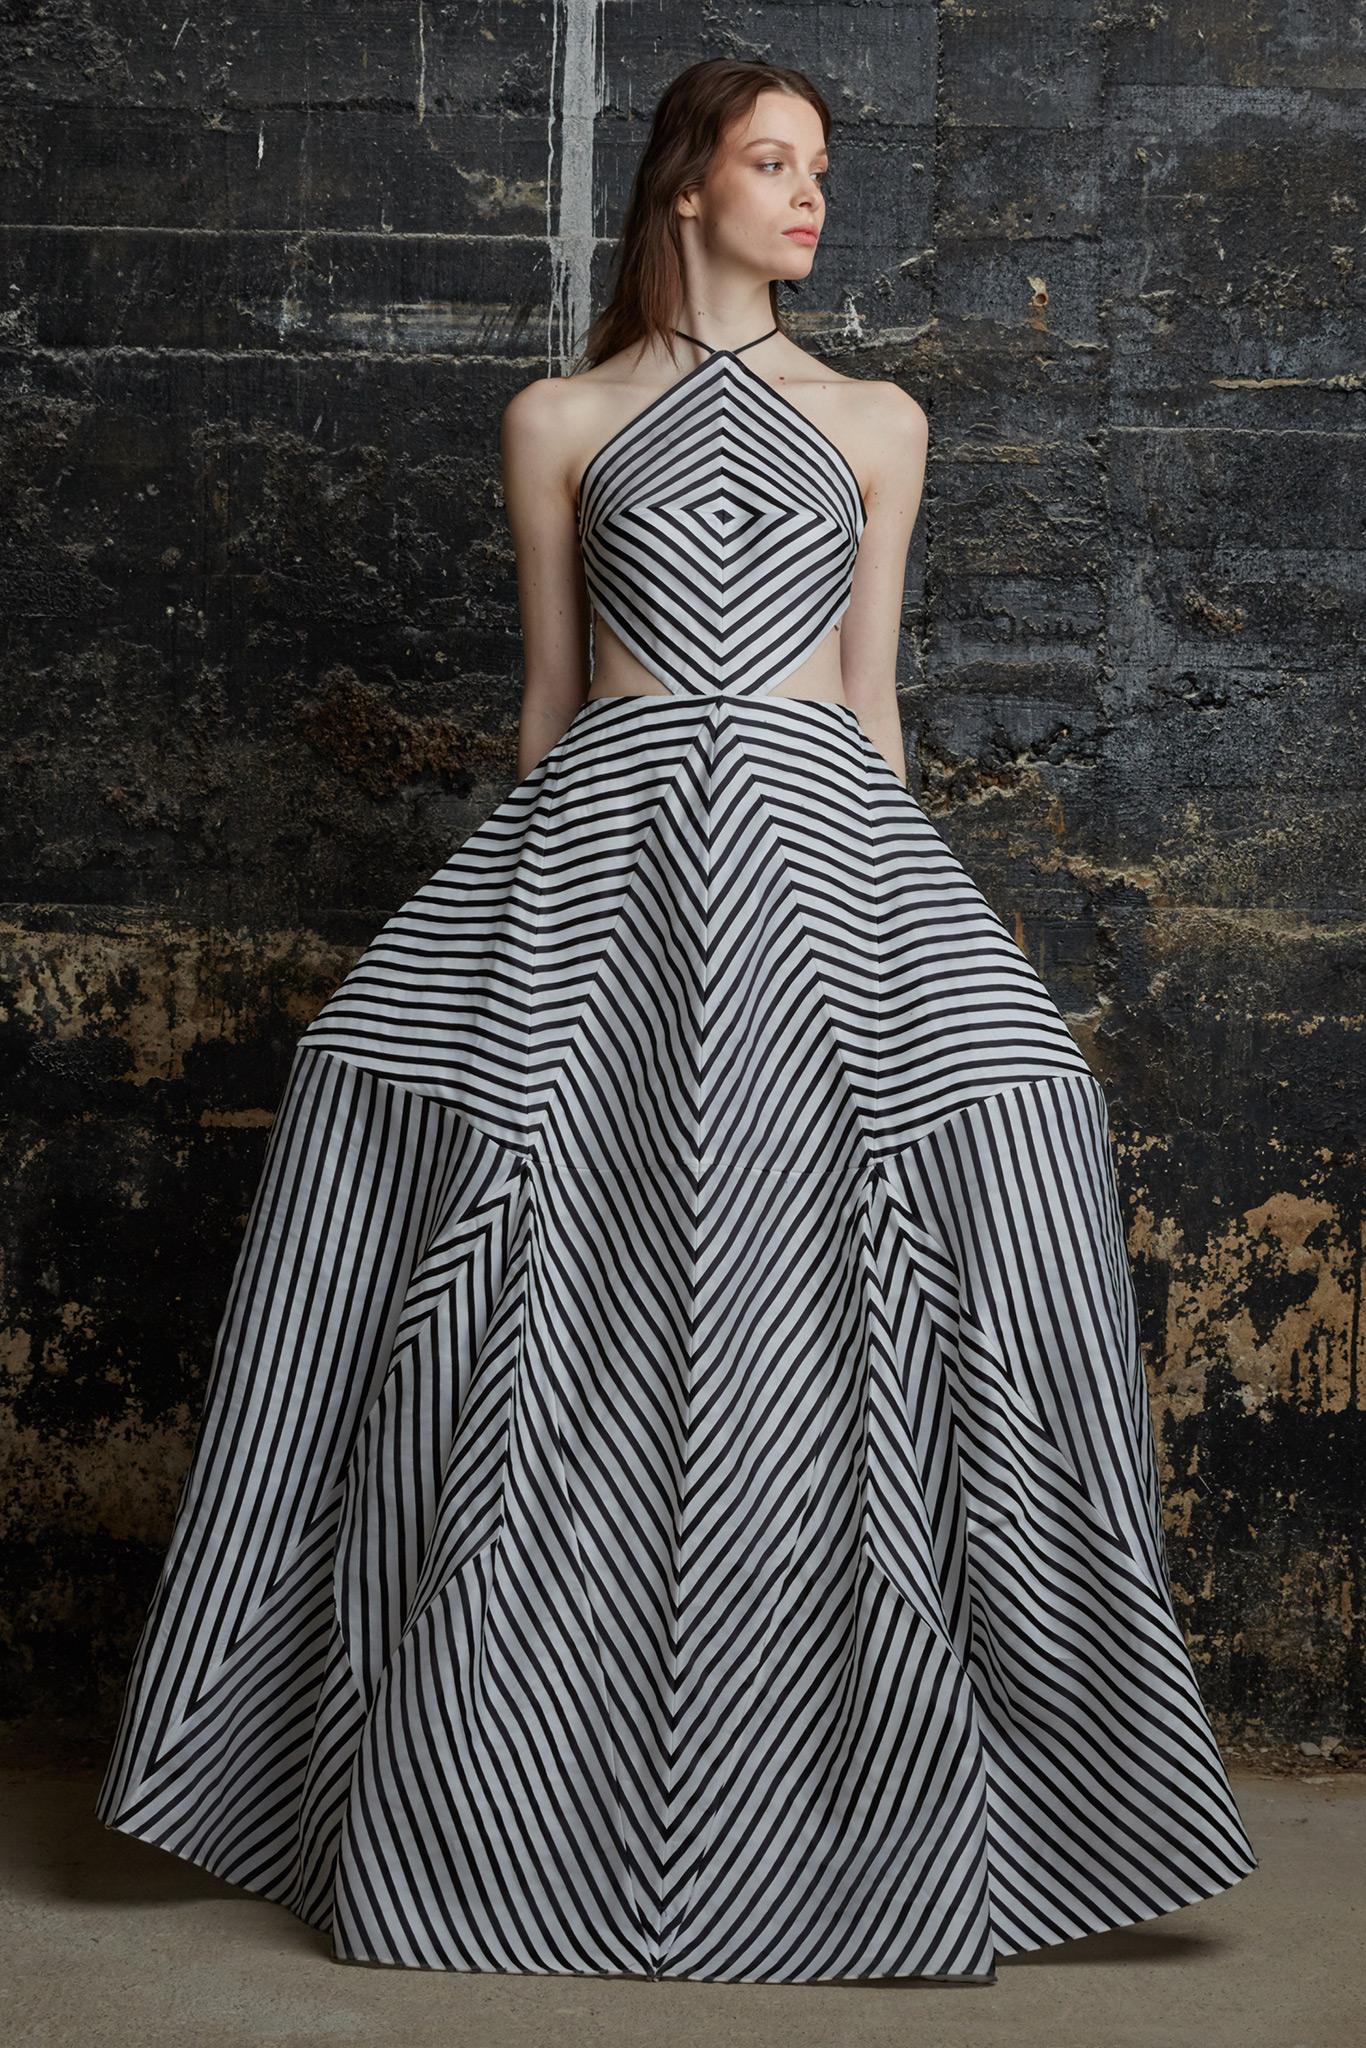 Rosie Assoulin 35 1366 10 трендов с Недели моды в Нью Йорке, которые нас возмутили